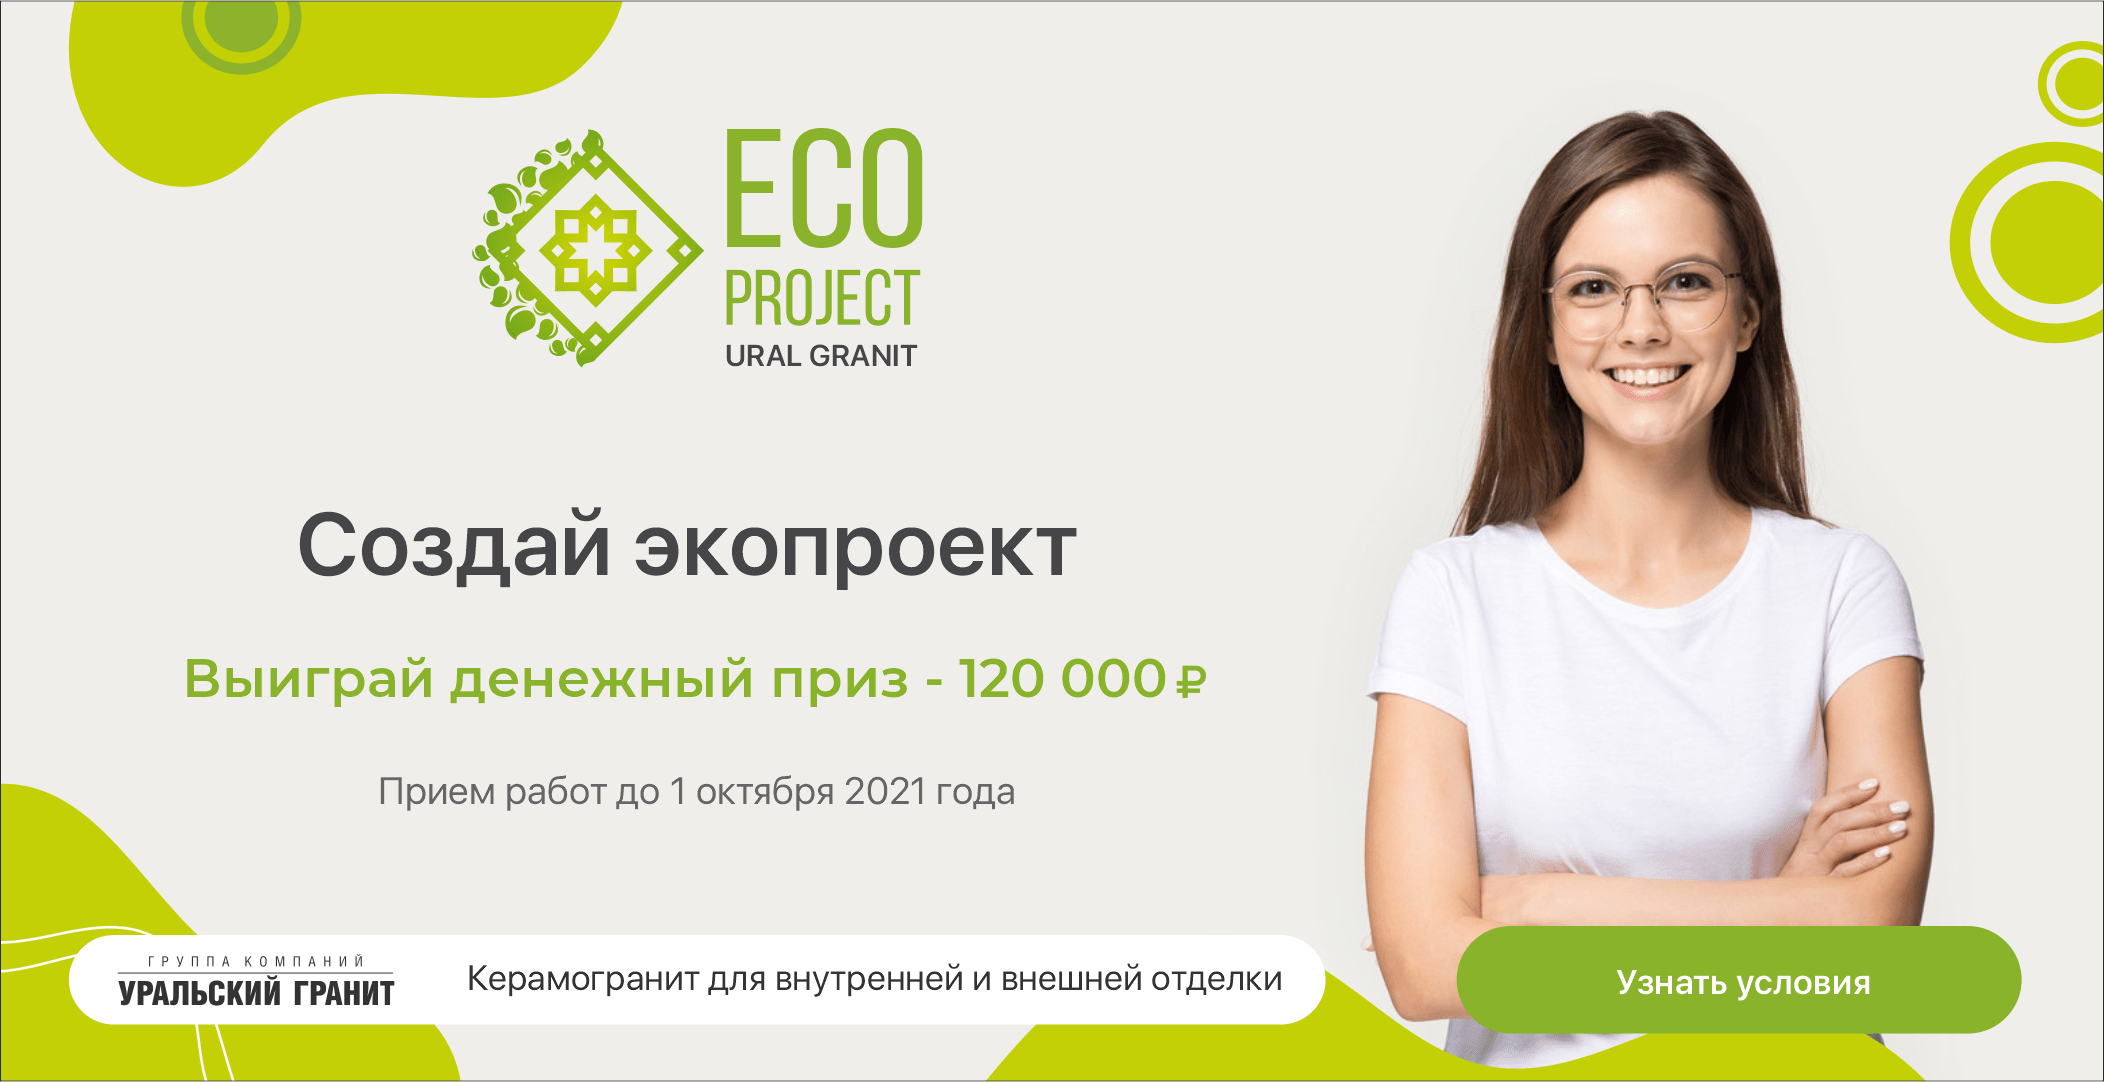 Конкурс на лучший ЭКО проект «Ecoproject Ural Granit 2021»